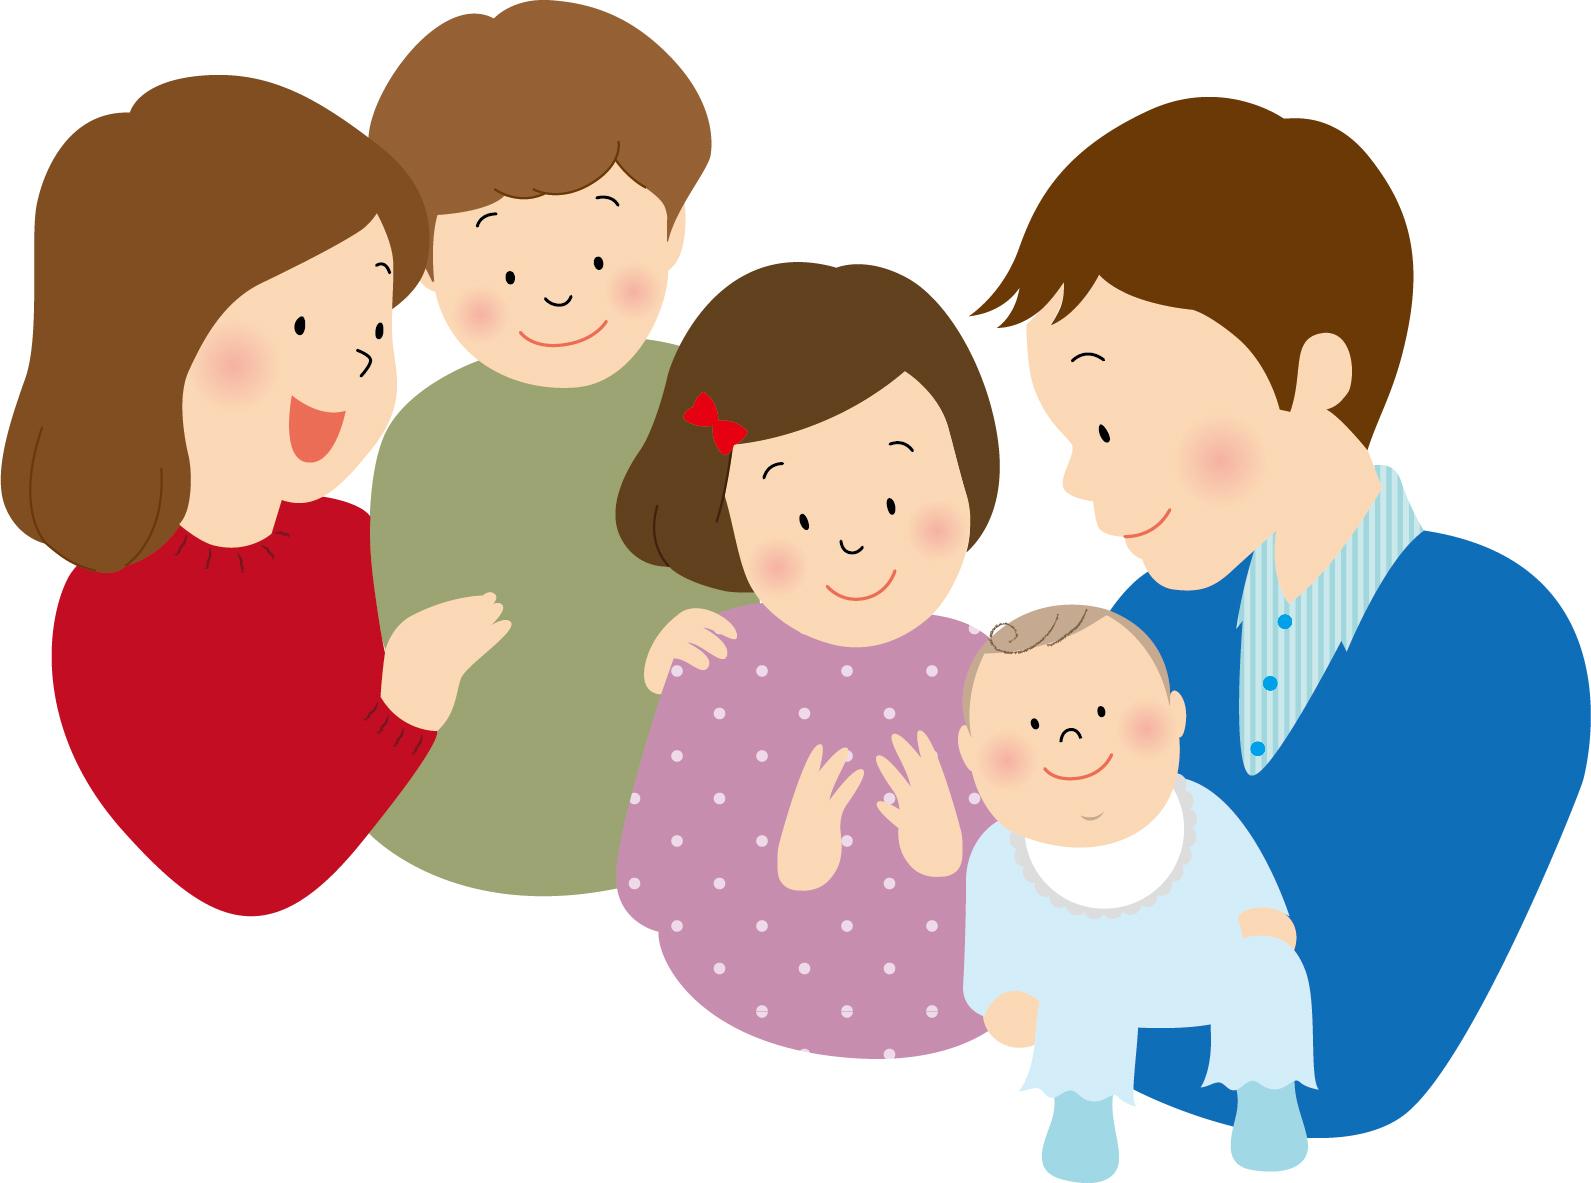 発達障害の「親の会」に入る意義と注意点